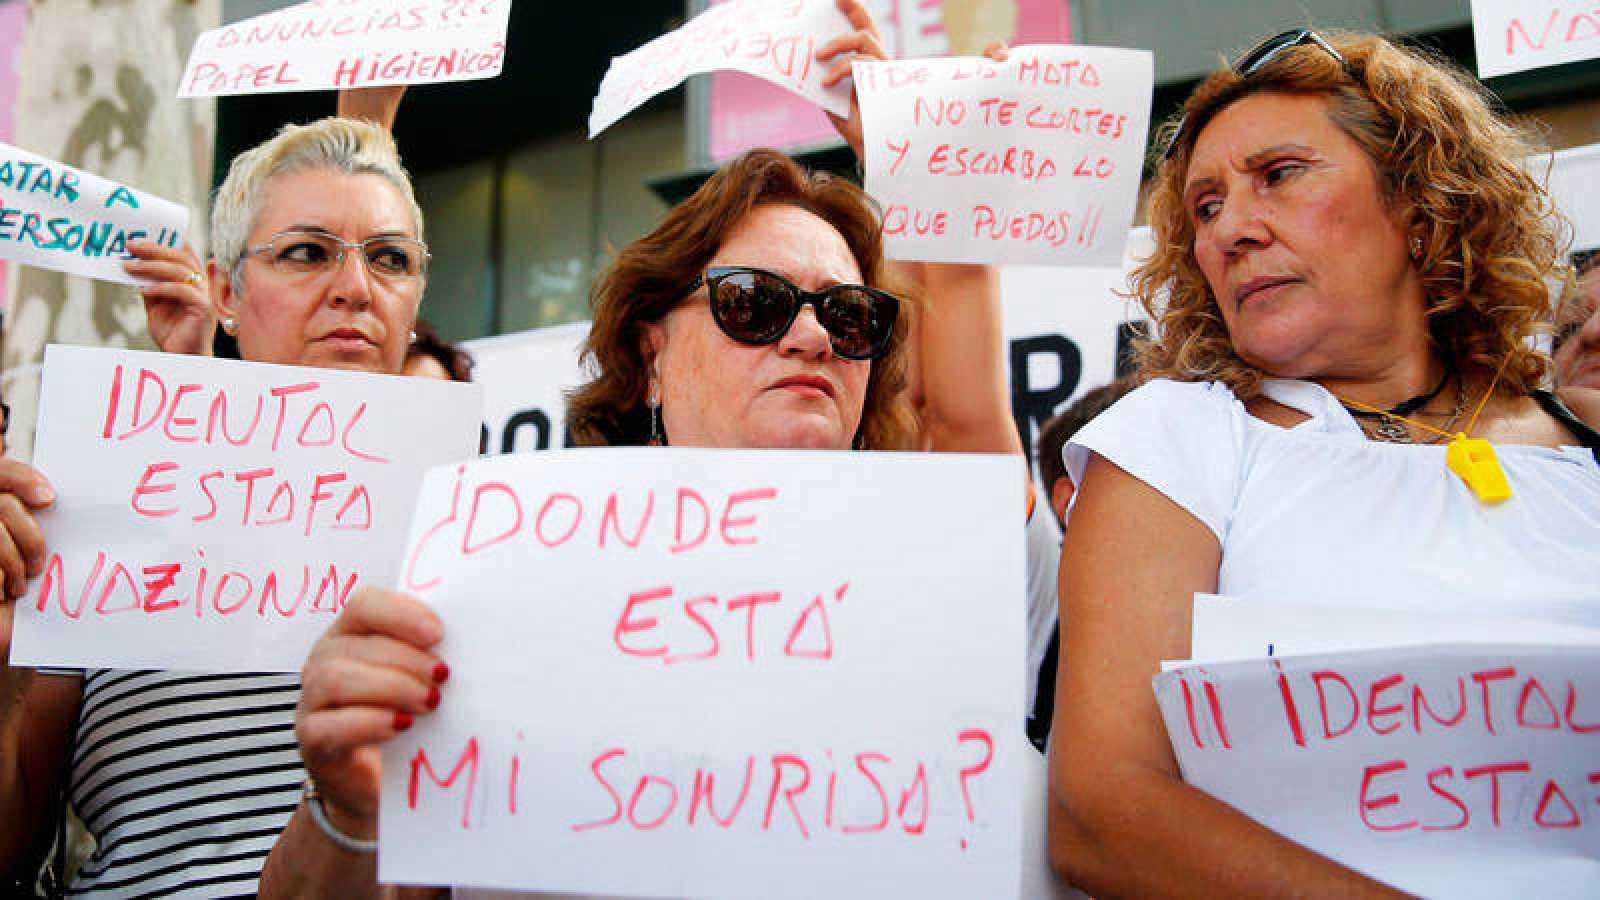 La Plataforma de afectadas por la estafa de iDental de Valencia, en una concentración frente a la Conselleria de Sanidad el pasado mes de julio